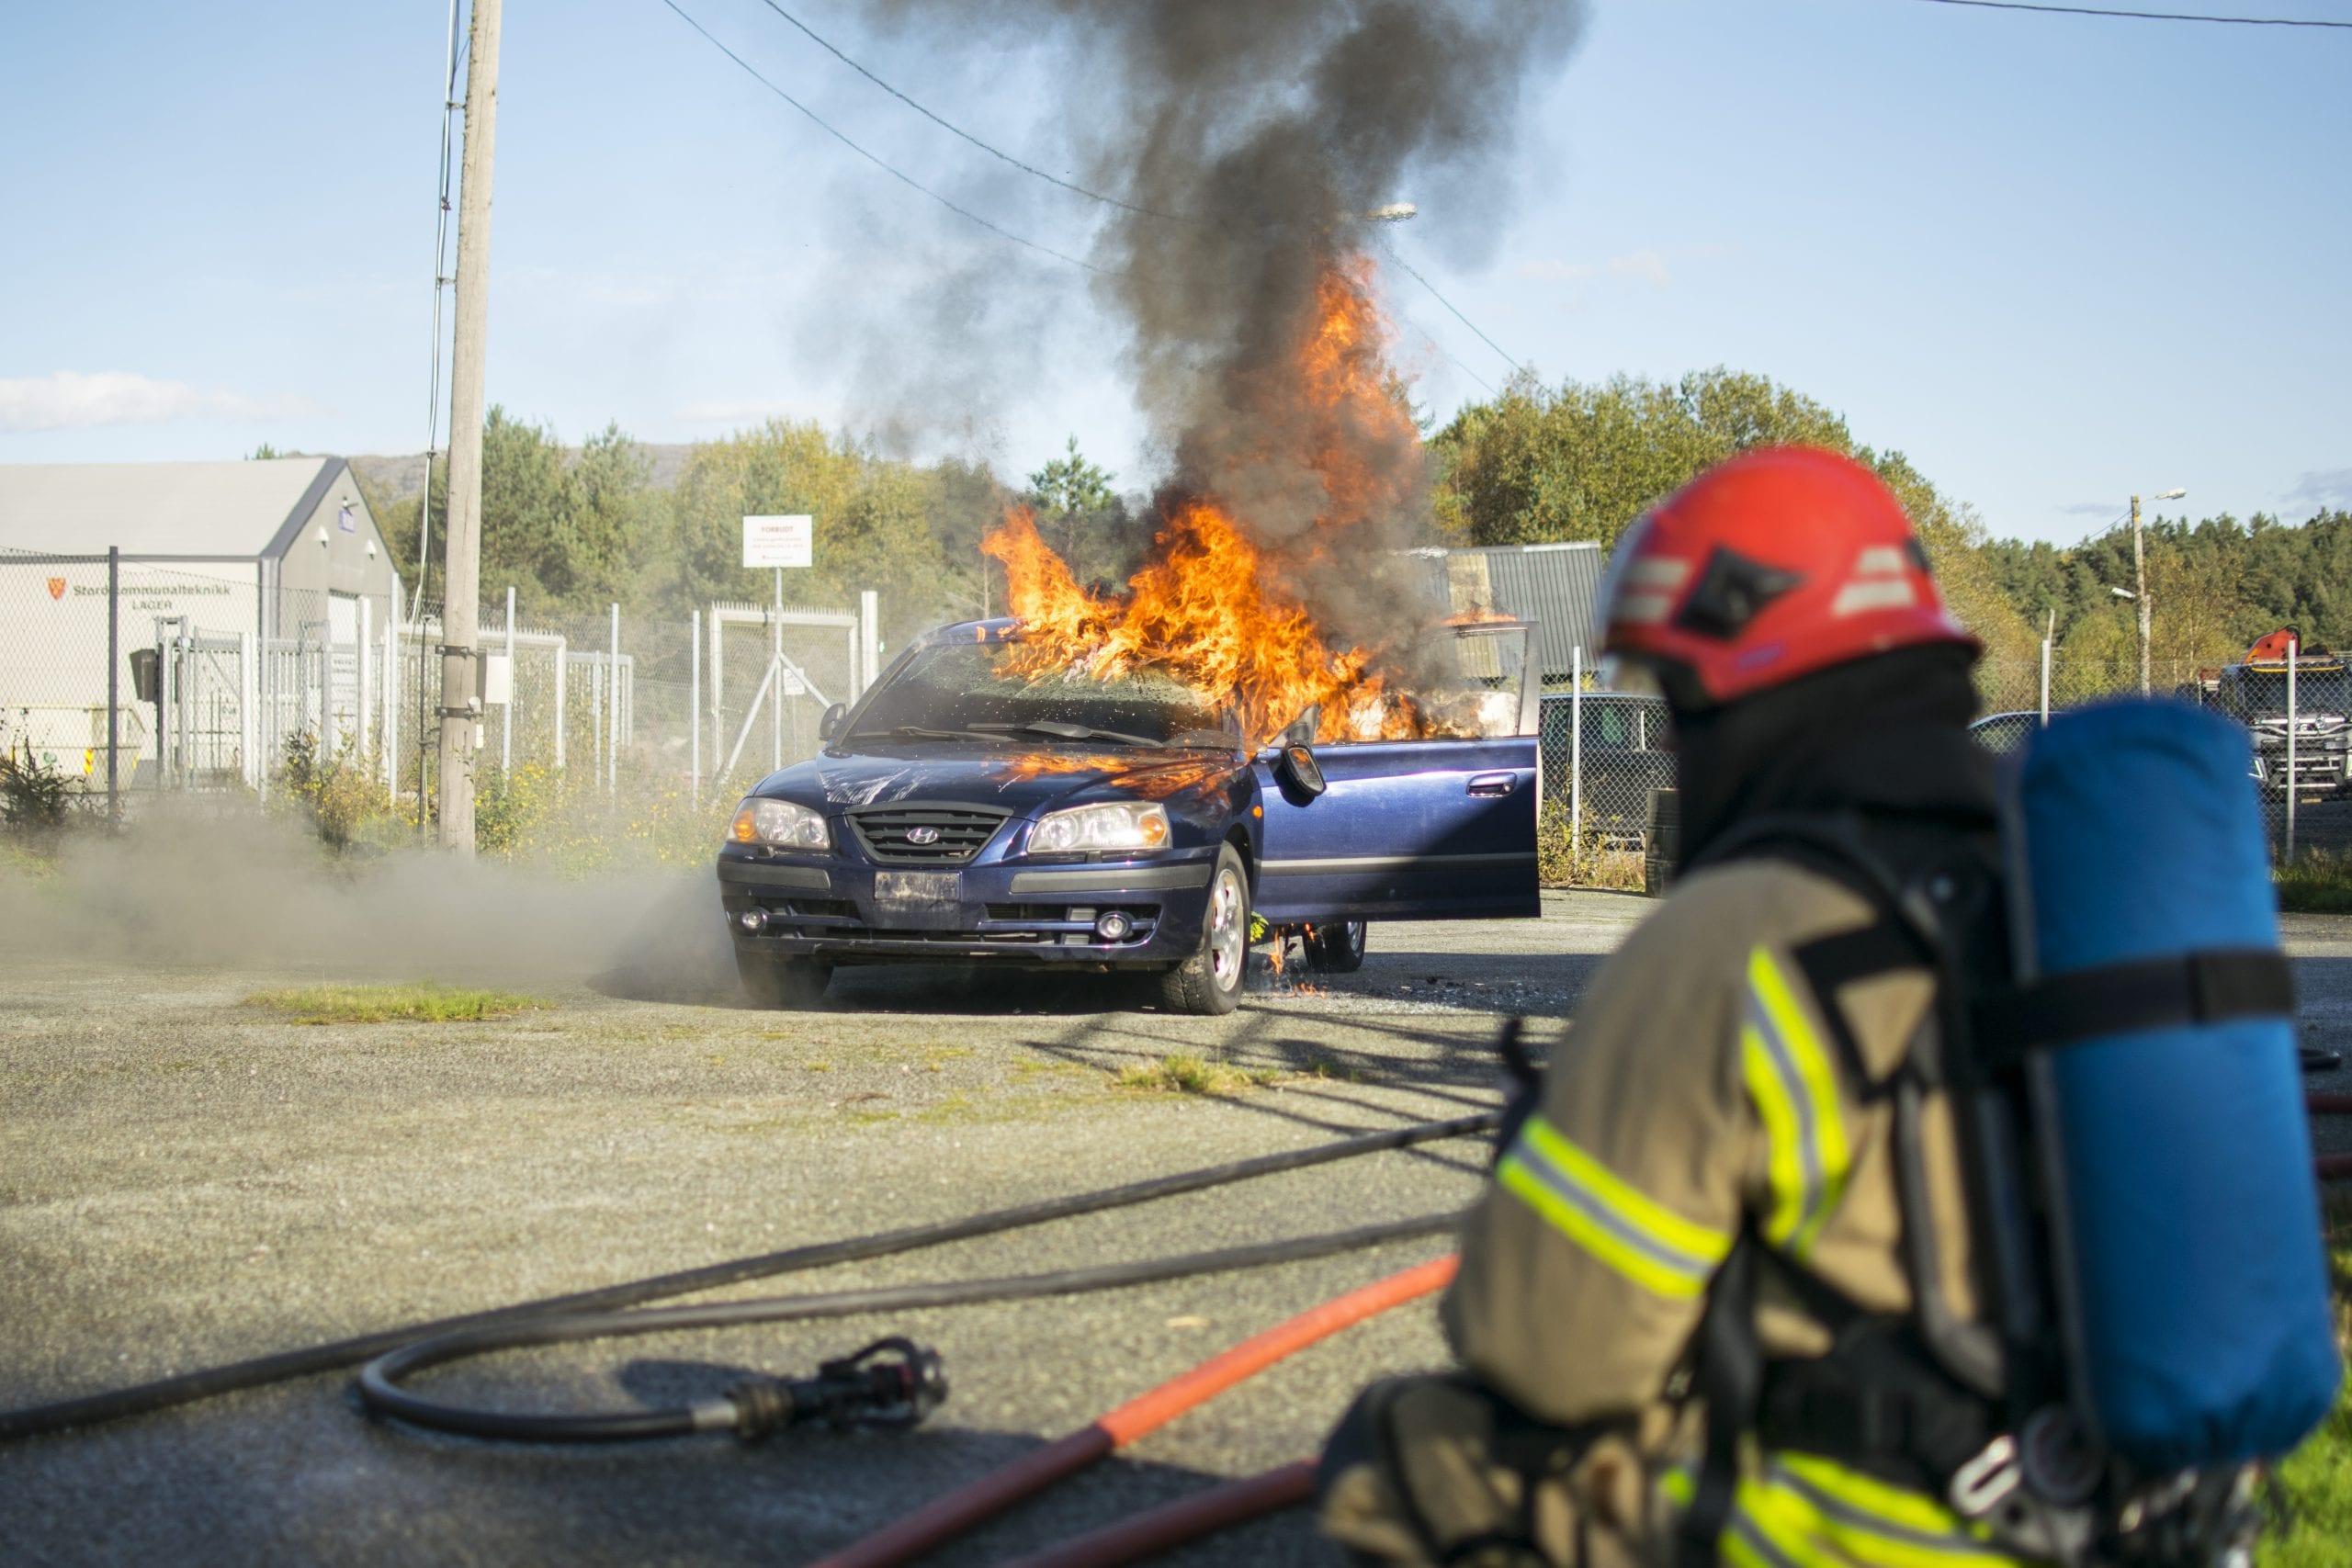 Stord Brann og redning slukker brennande bil. Politi og vekter-elevane lærer om brannsikkerhet. Stord folkehøgskule